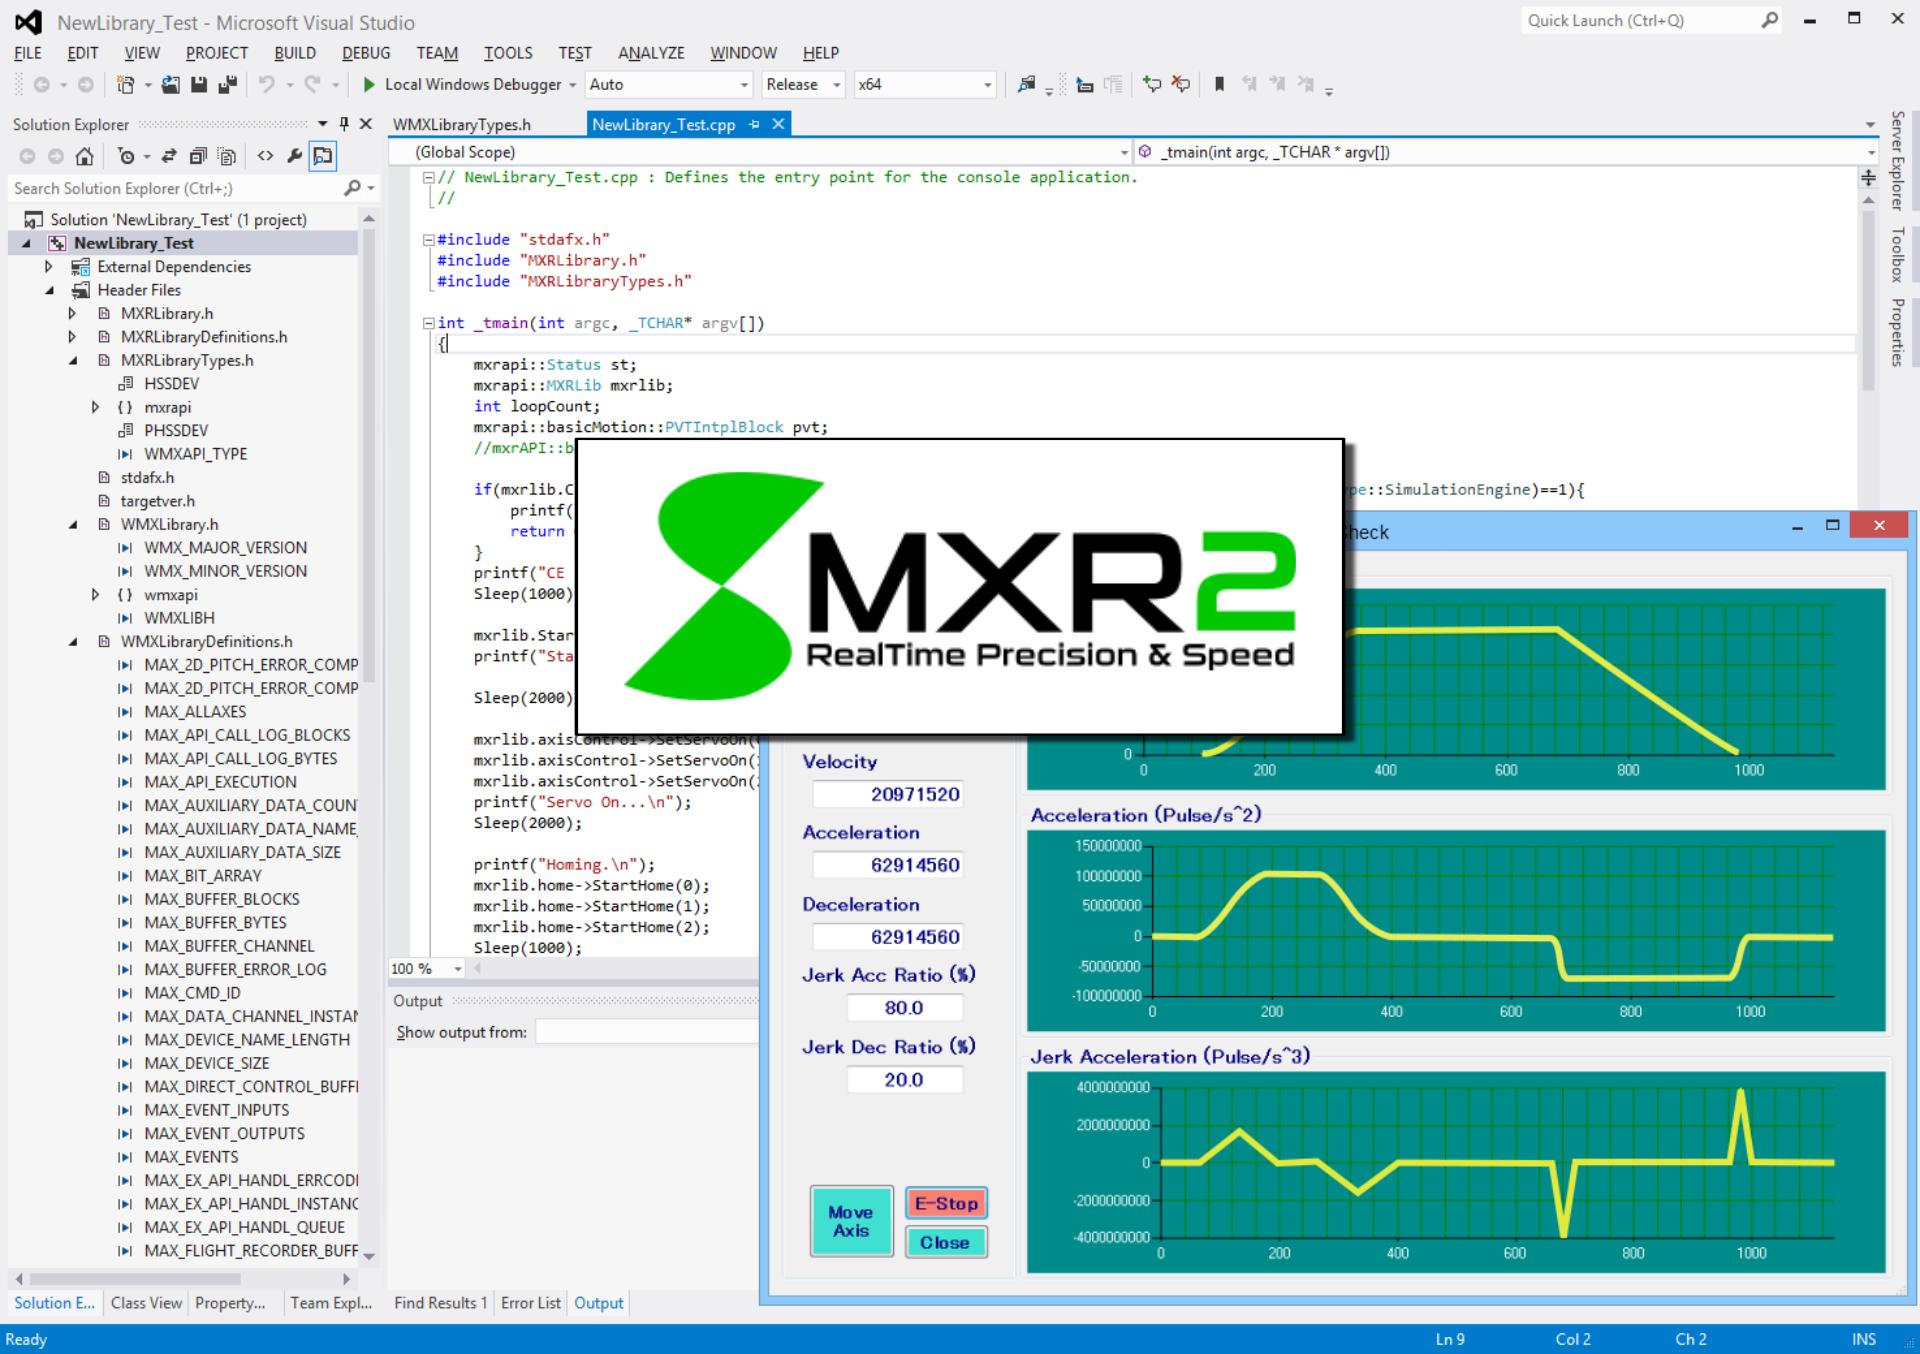 软赢 MXR2 通用运动控制系统